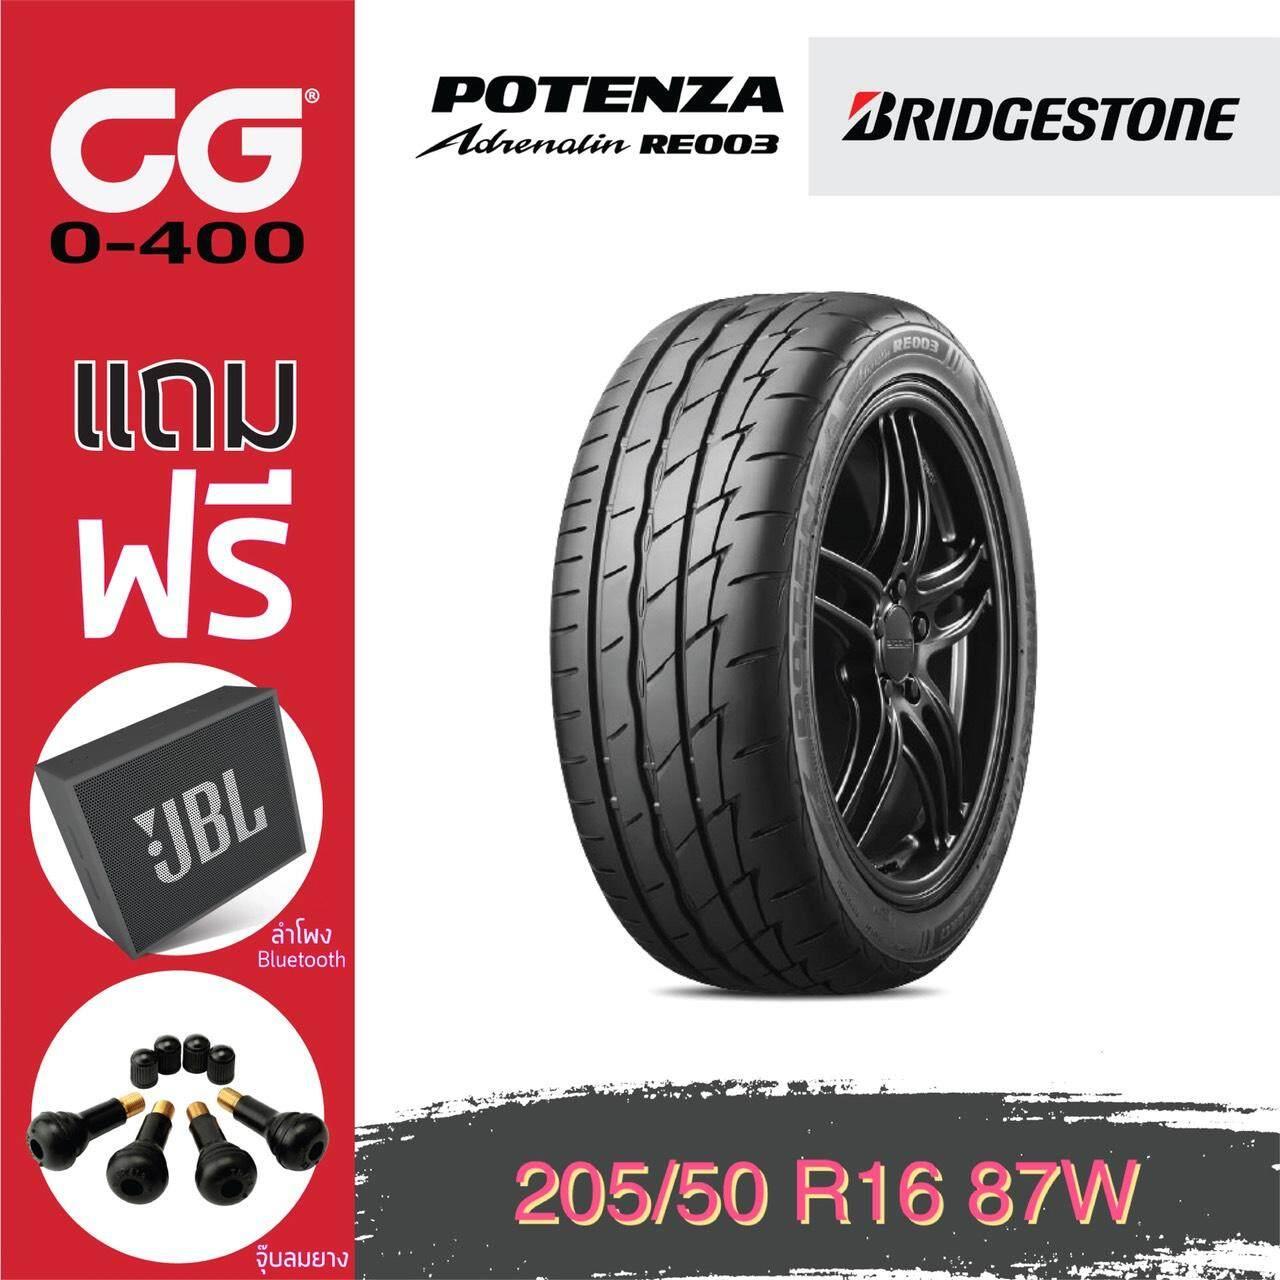 ประกันภัย รถยนต์ 2+ กาญจนบุรี BRIDGESTONE POTENZA RE003 Size 205/50 R16 จำนวน 4 เส้น